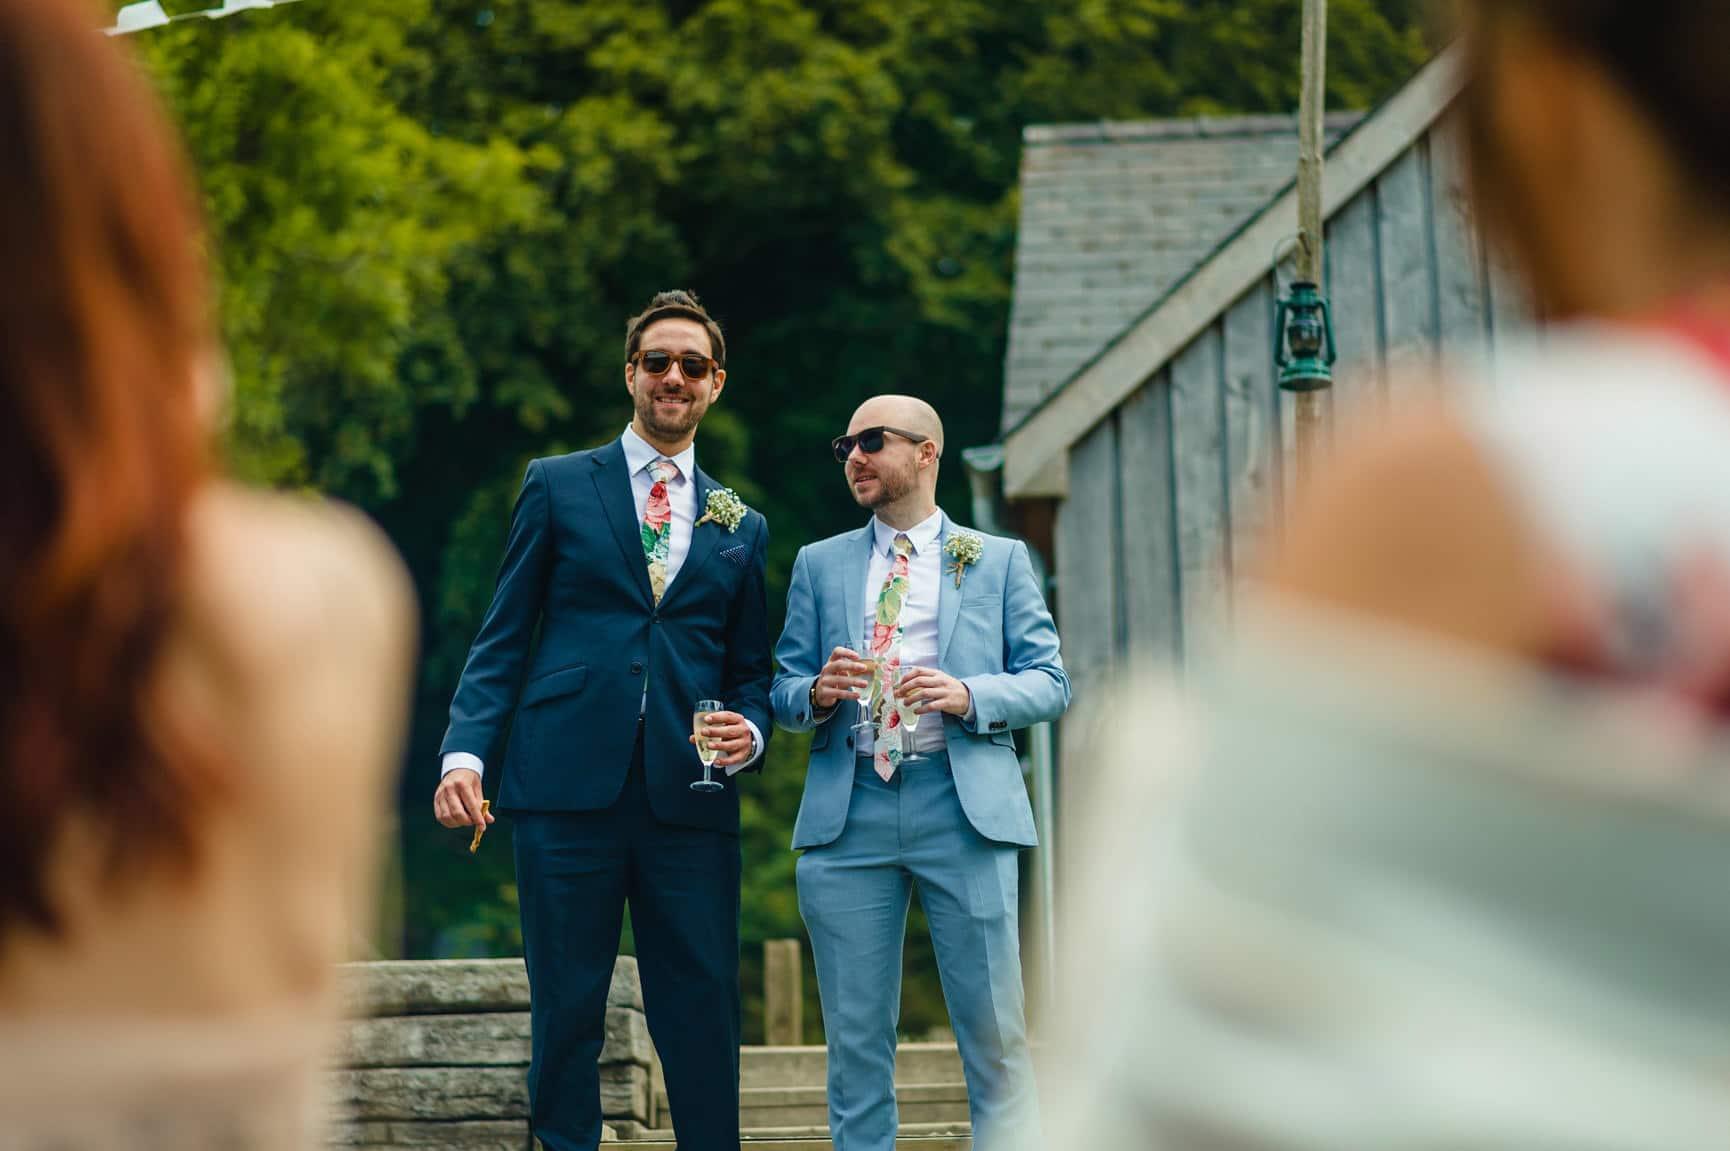 Fforest Wedding, Cardigan, Wales - Lauren and Gareth 101